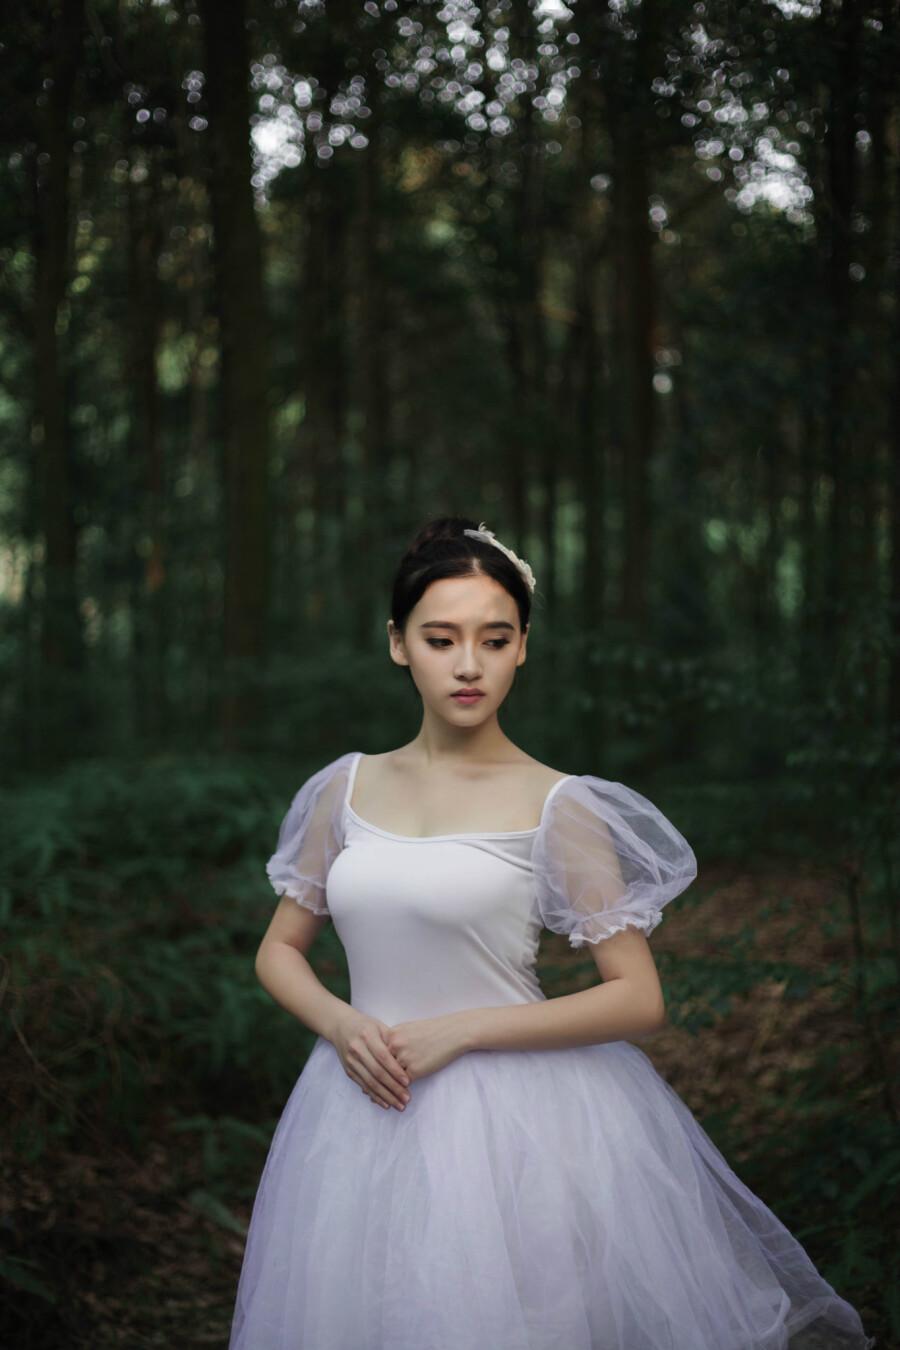 林中女孩 - 梦幻之旅 - 梦幻之恋